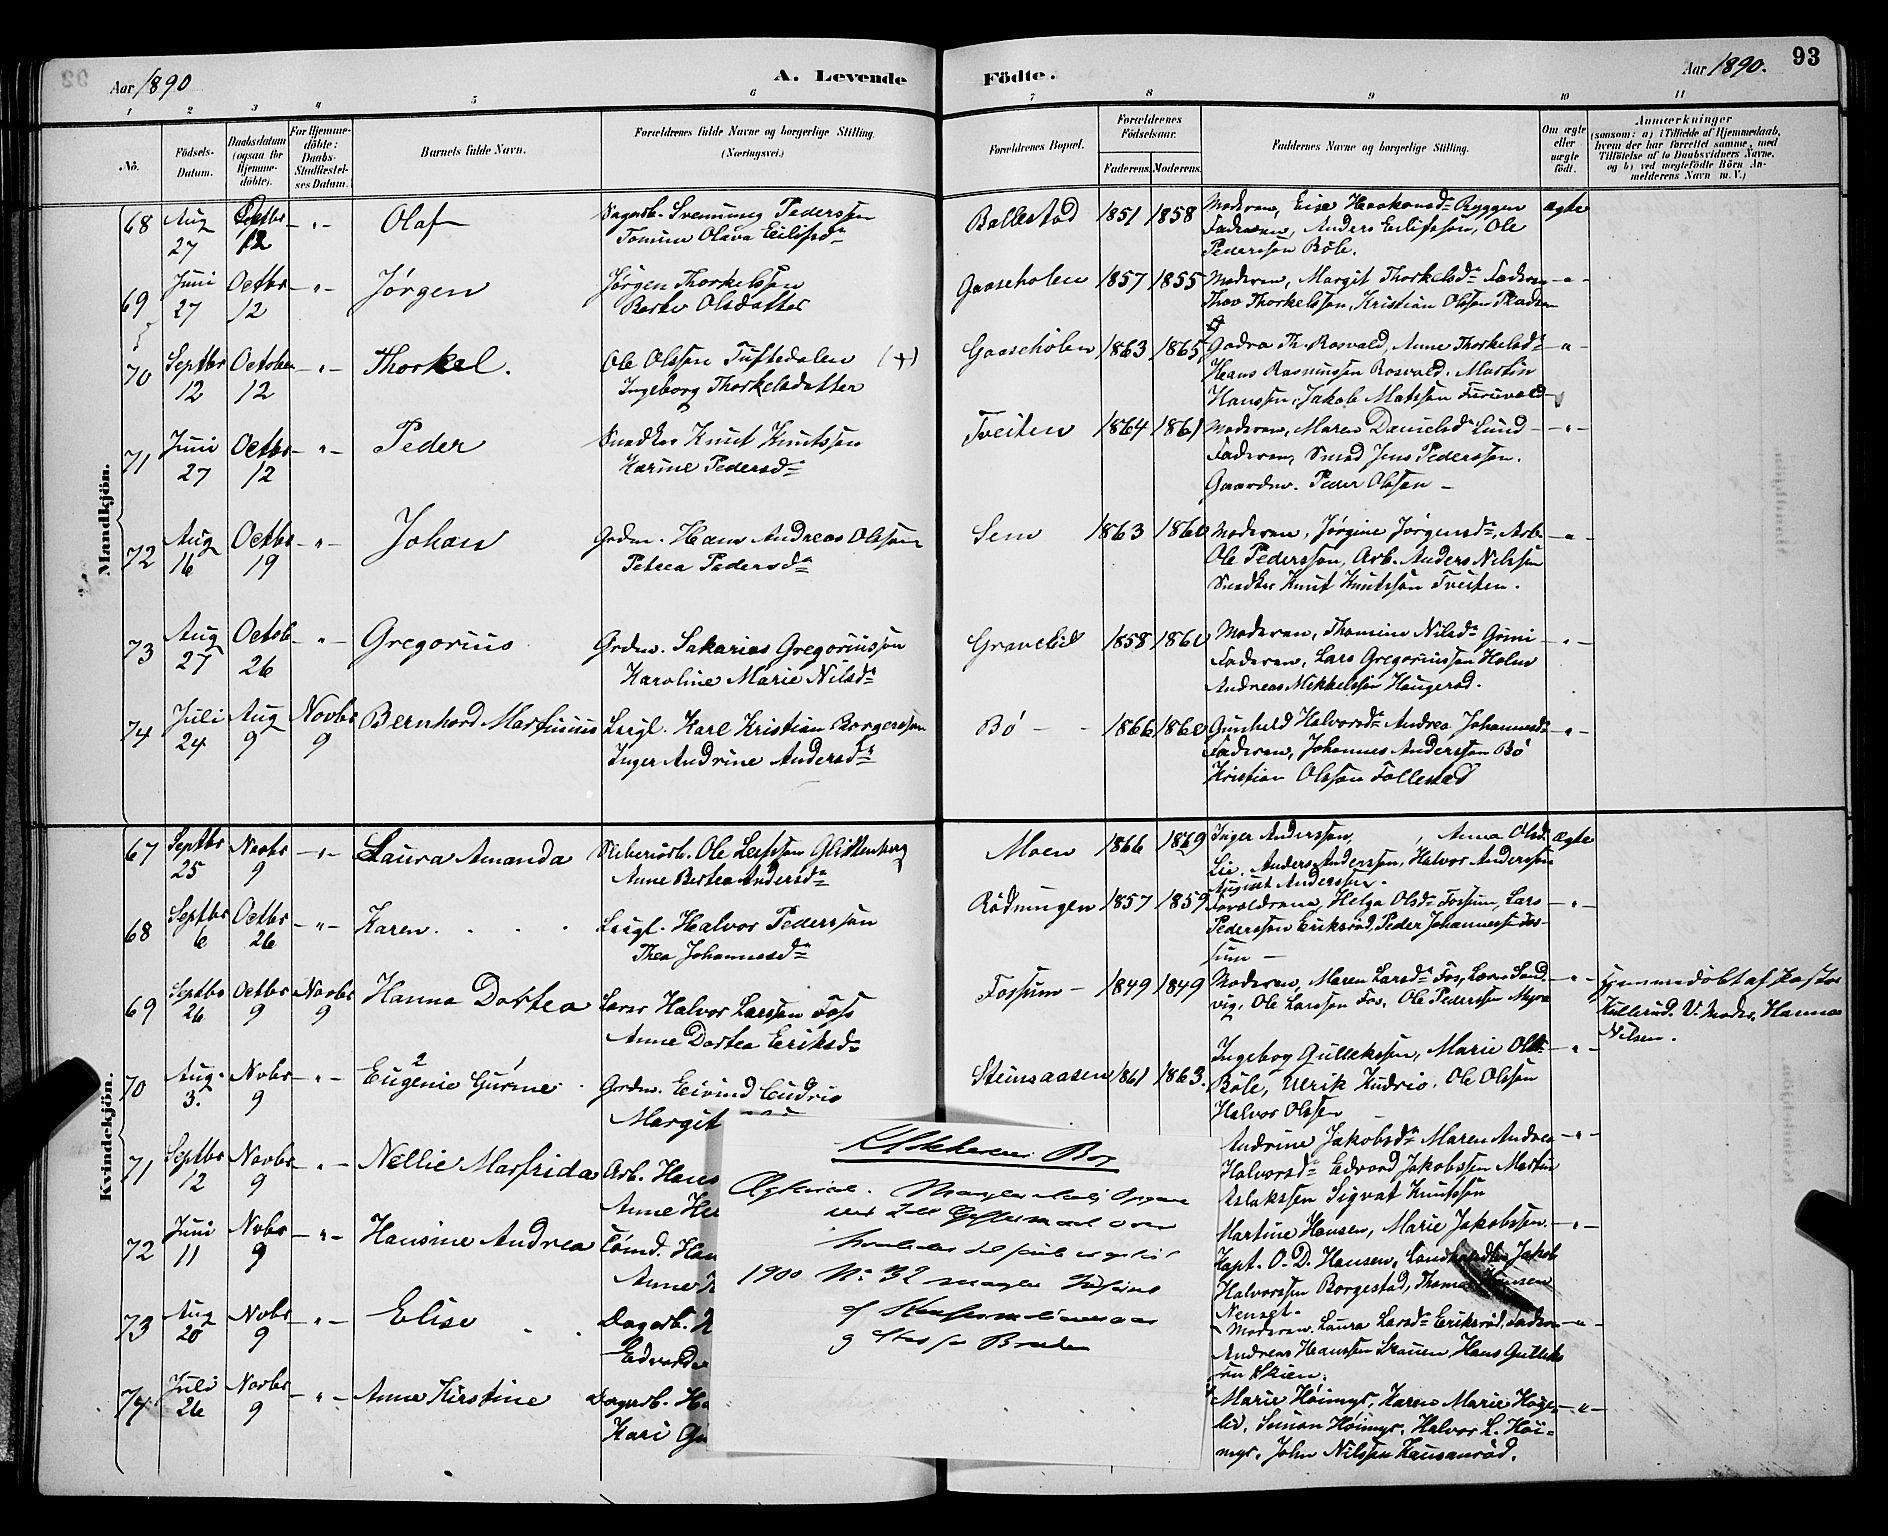 SAKO, Gjerpen kirkebøker, G/Ga/L0002: Klokkerbok nr. I 2, 1883-1900, s. 93